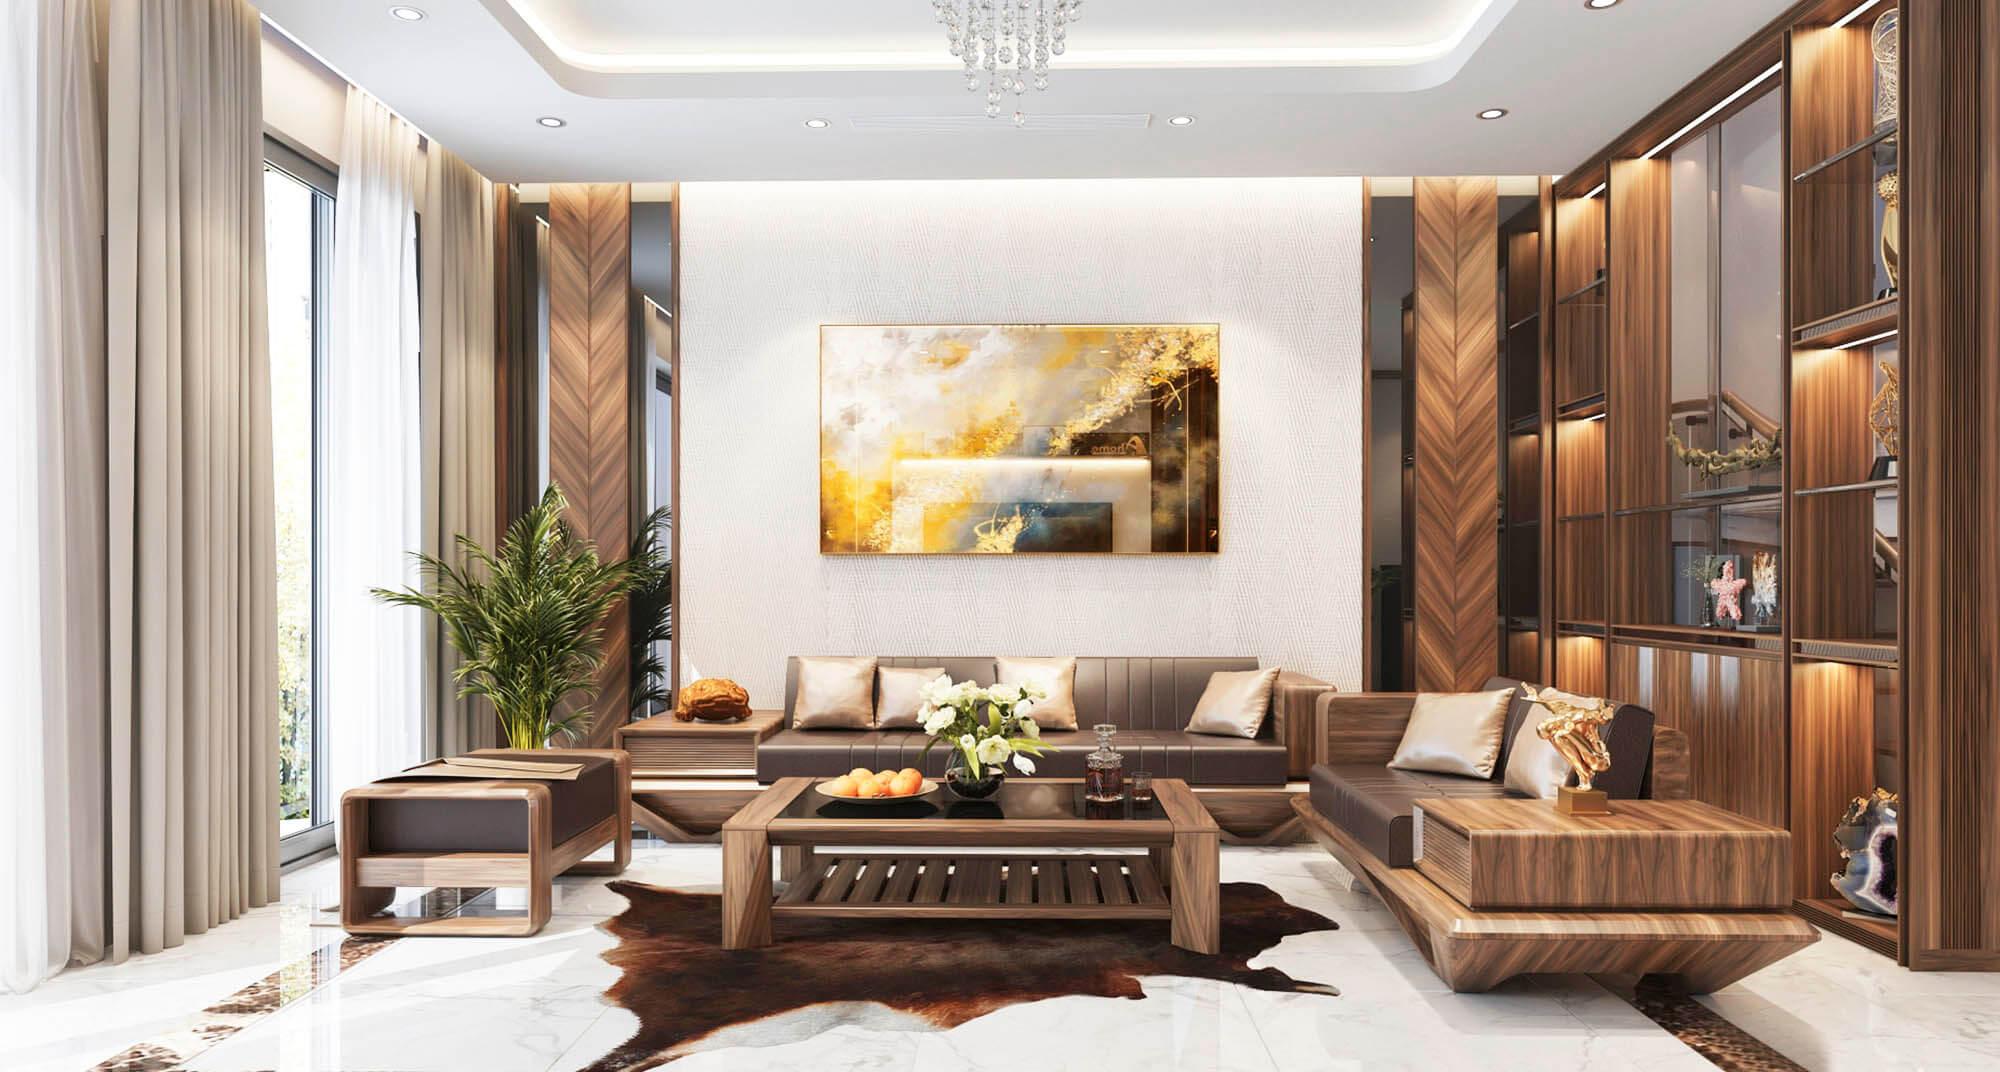 Vai trò của trang trí nội thất